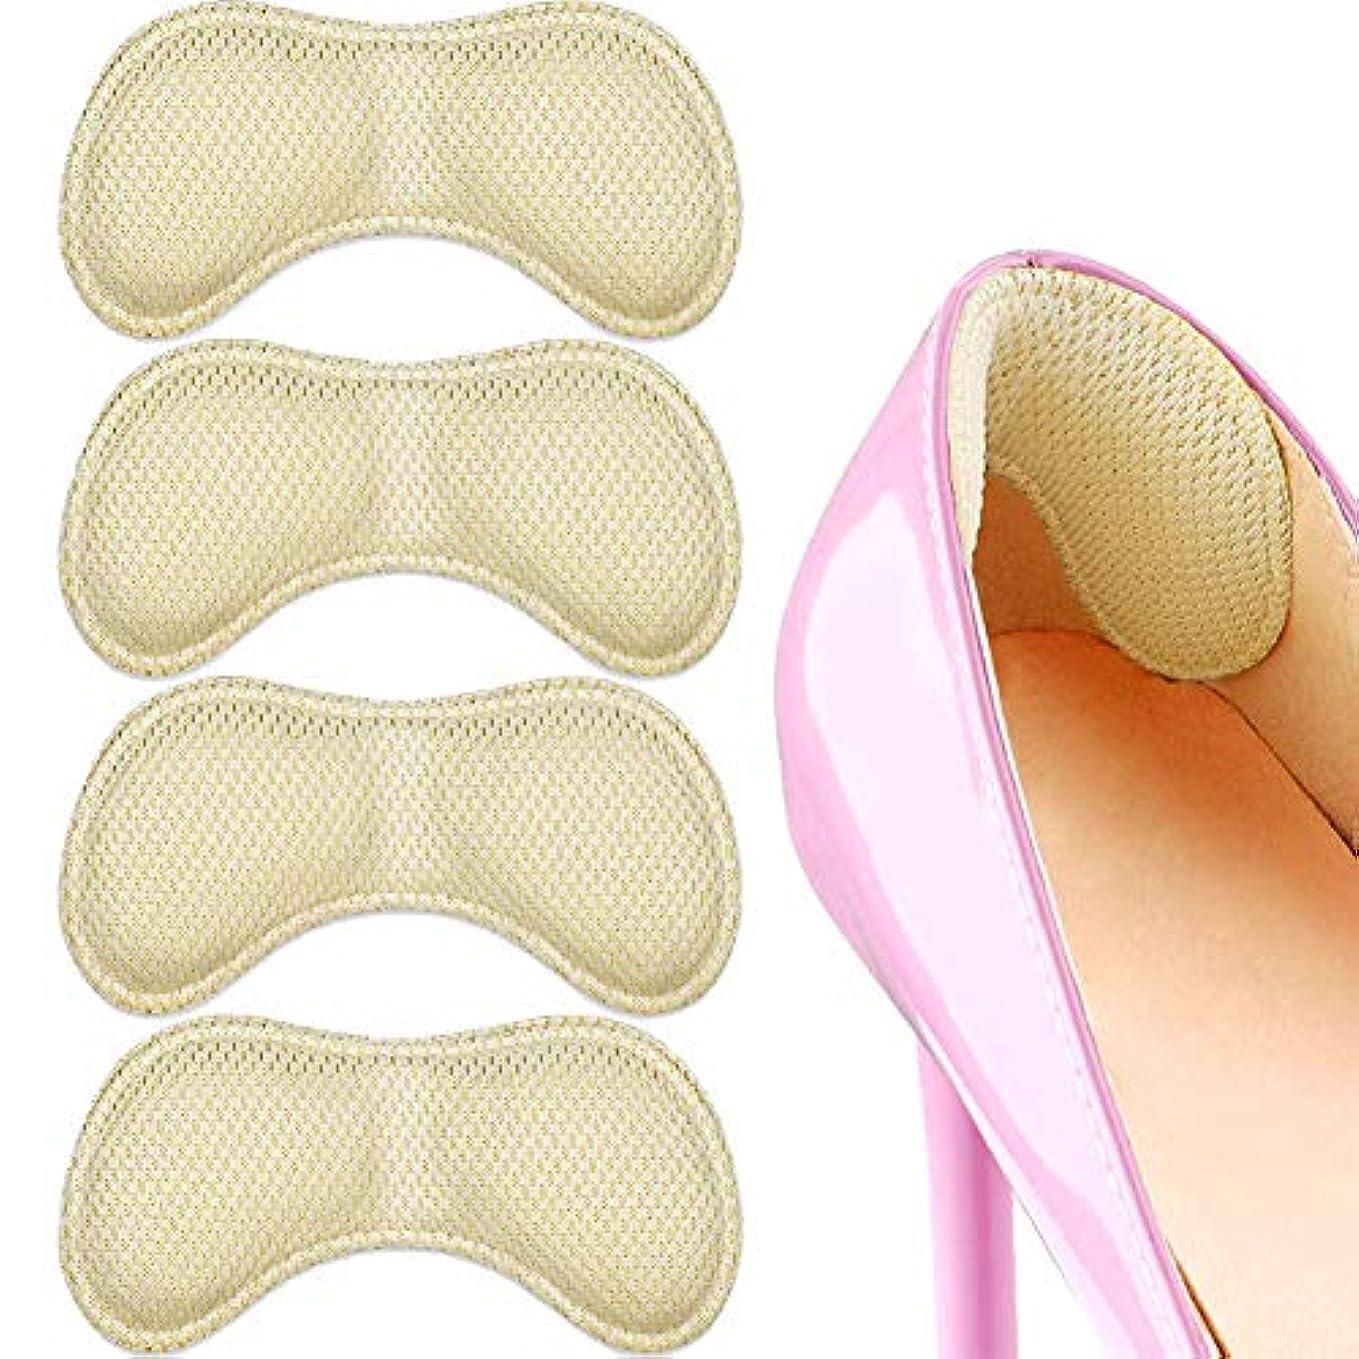 事セール通常ZAYAR 靴擦れ防止パッド 靴ずれ防止 かかとパッド パカパカ防止 柔らか 2足セット